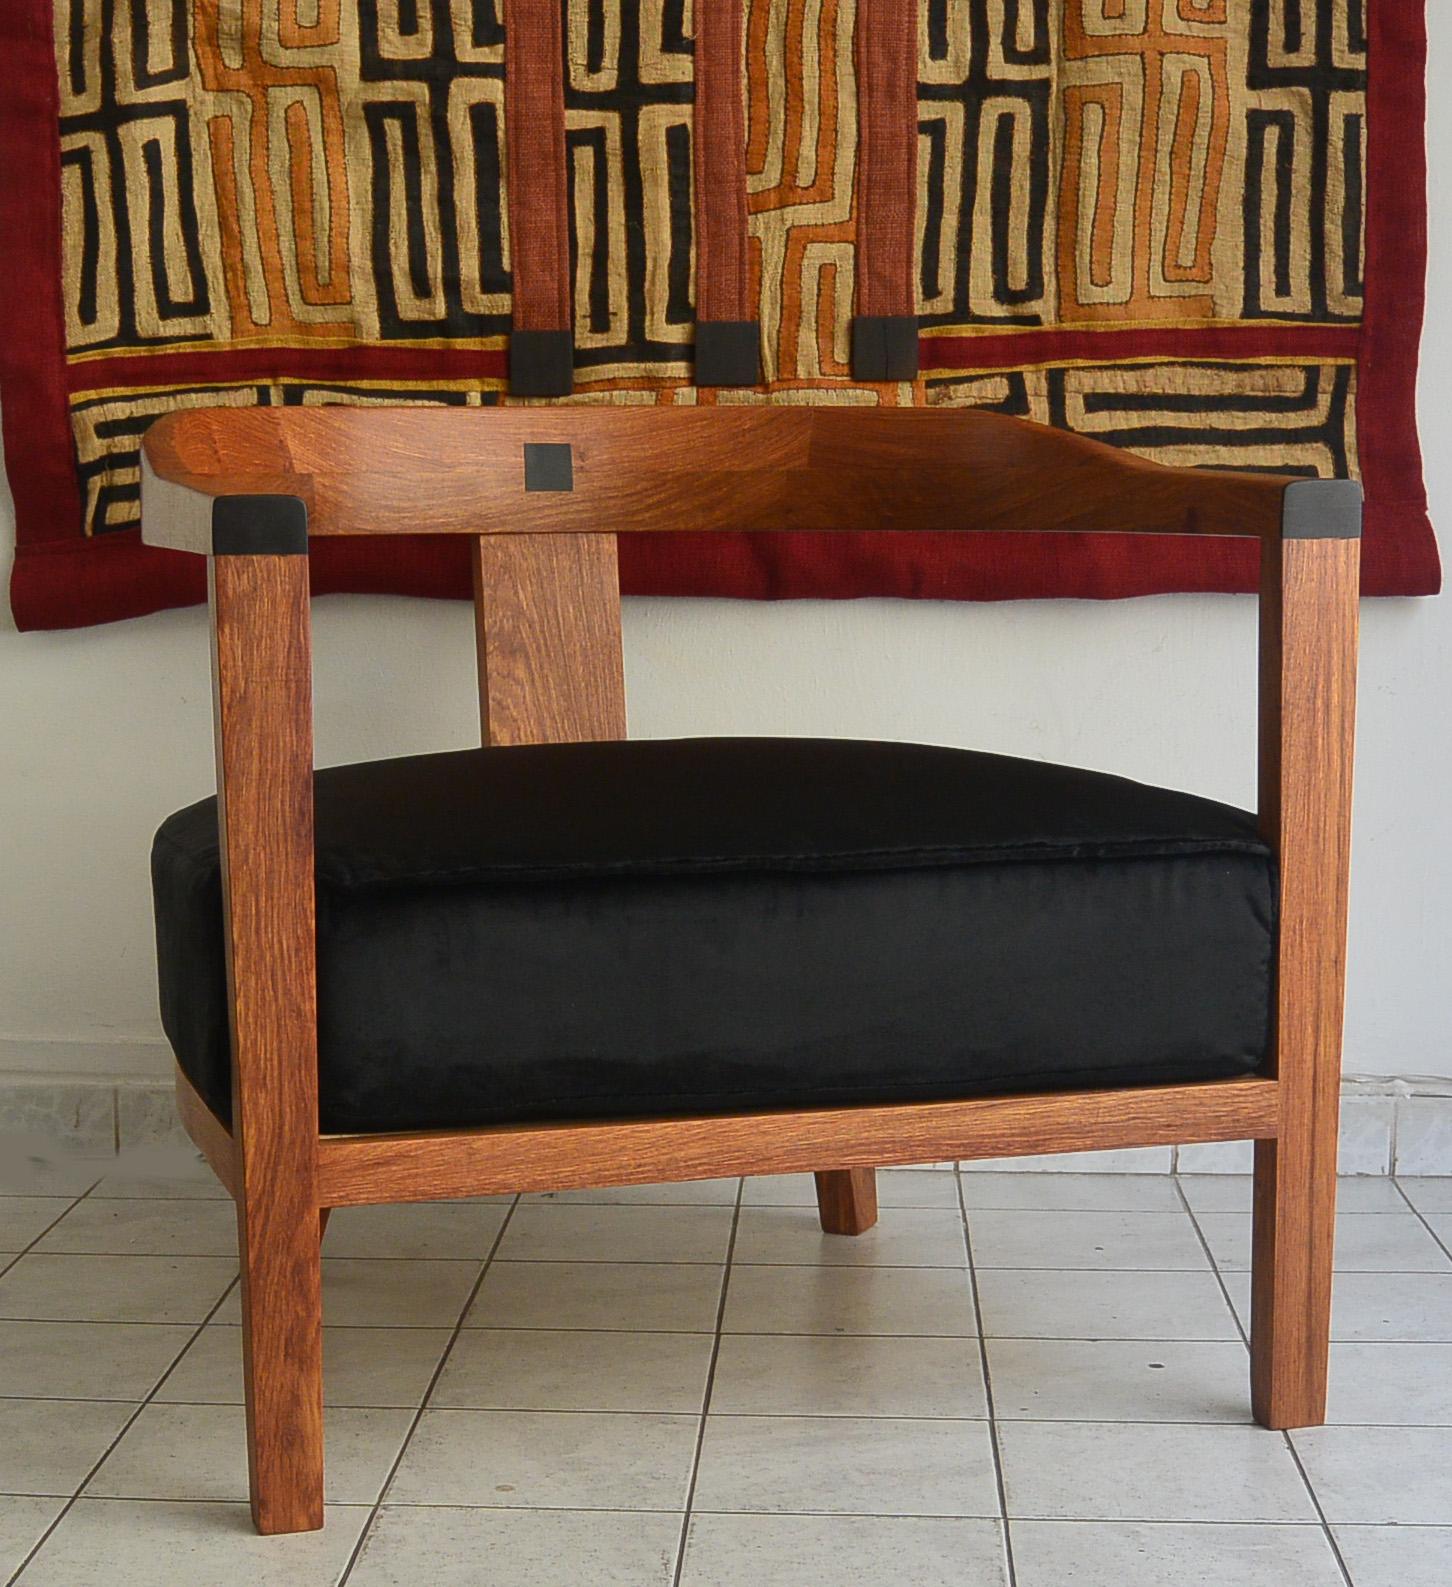 les bancs fauteuils chaises d inspiration afrik galerie arte. Black Bedroom Furniture Sets. Home Design Ideas